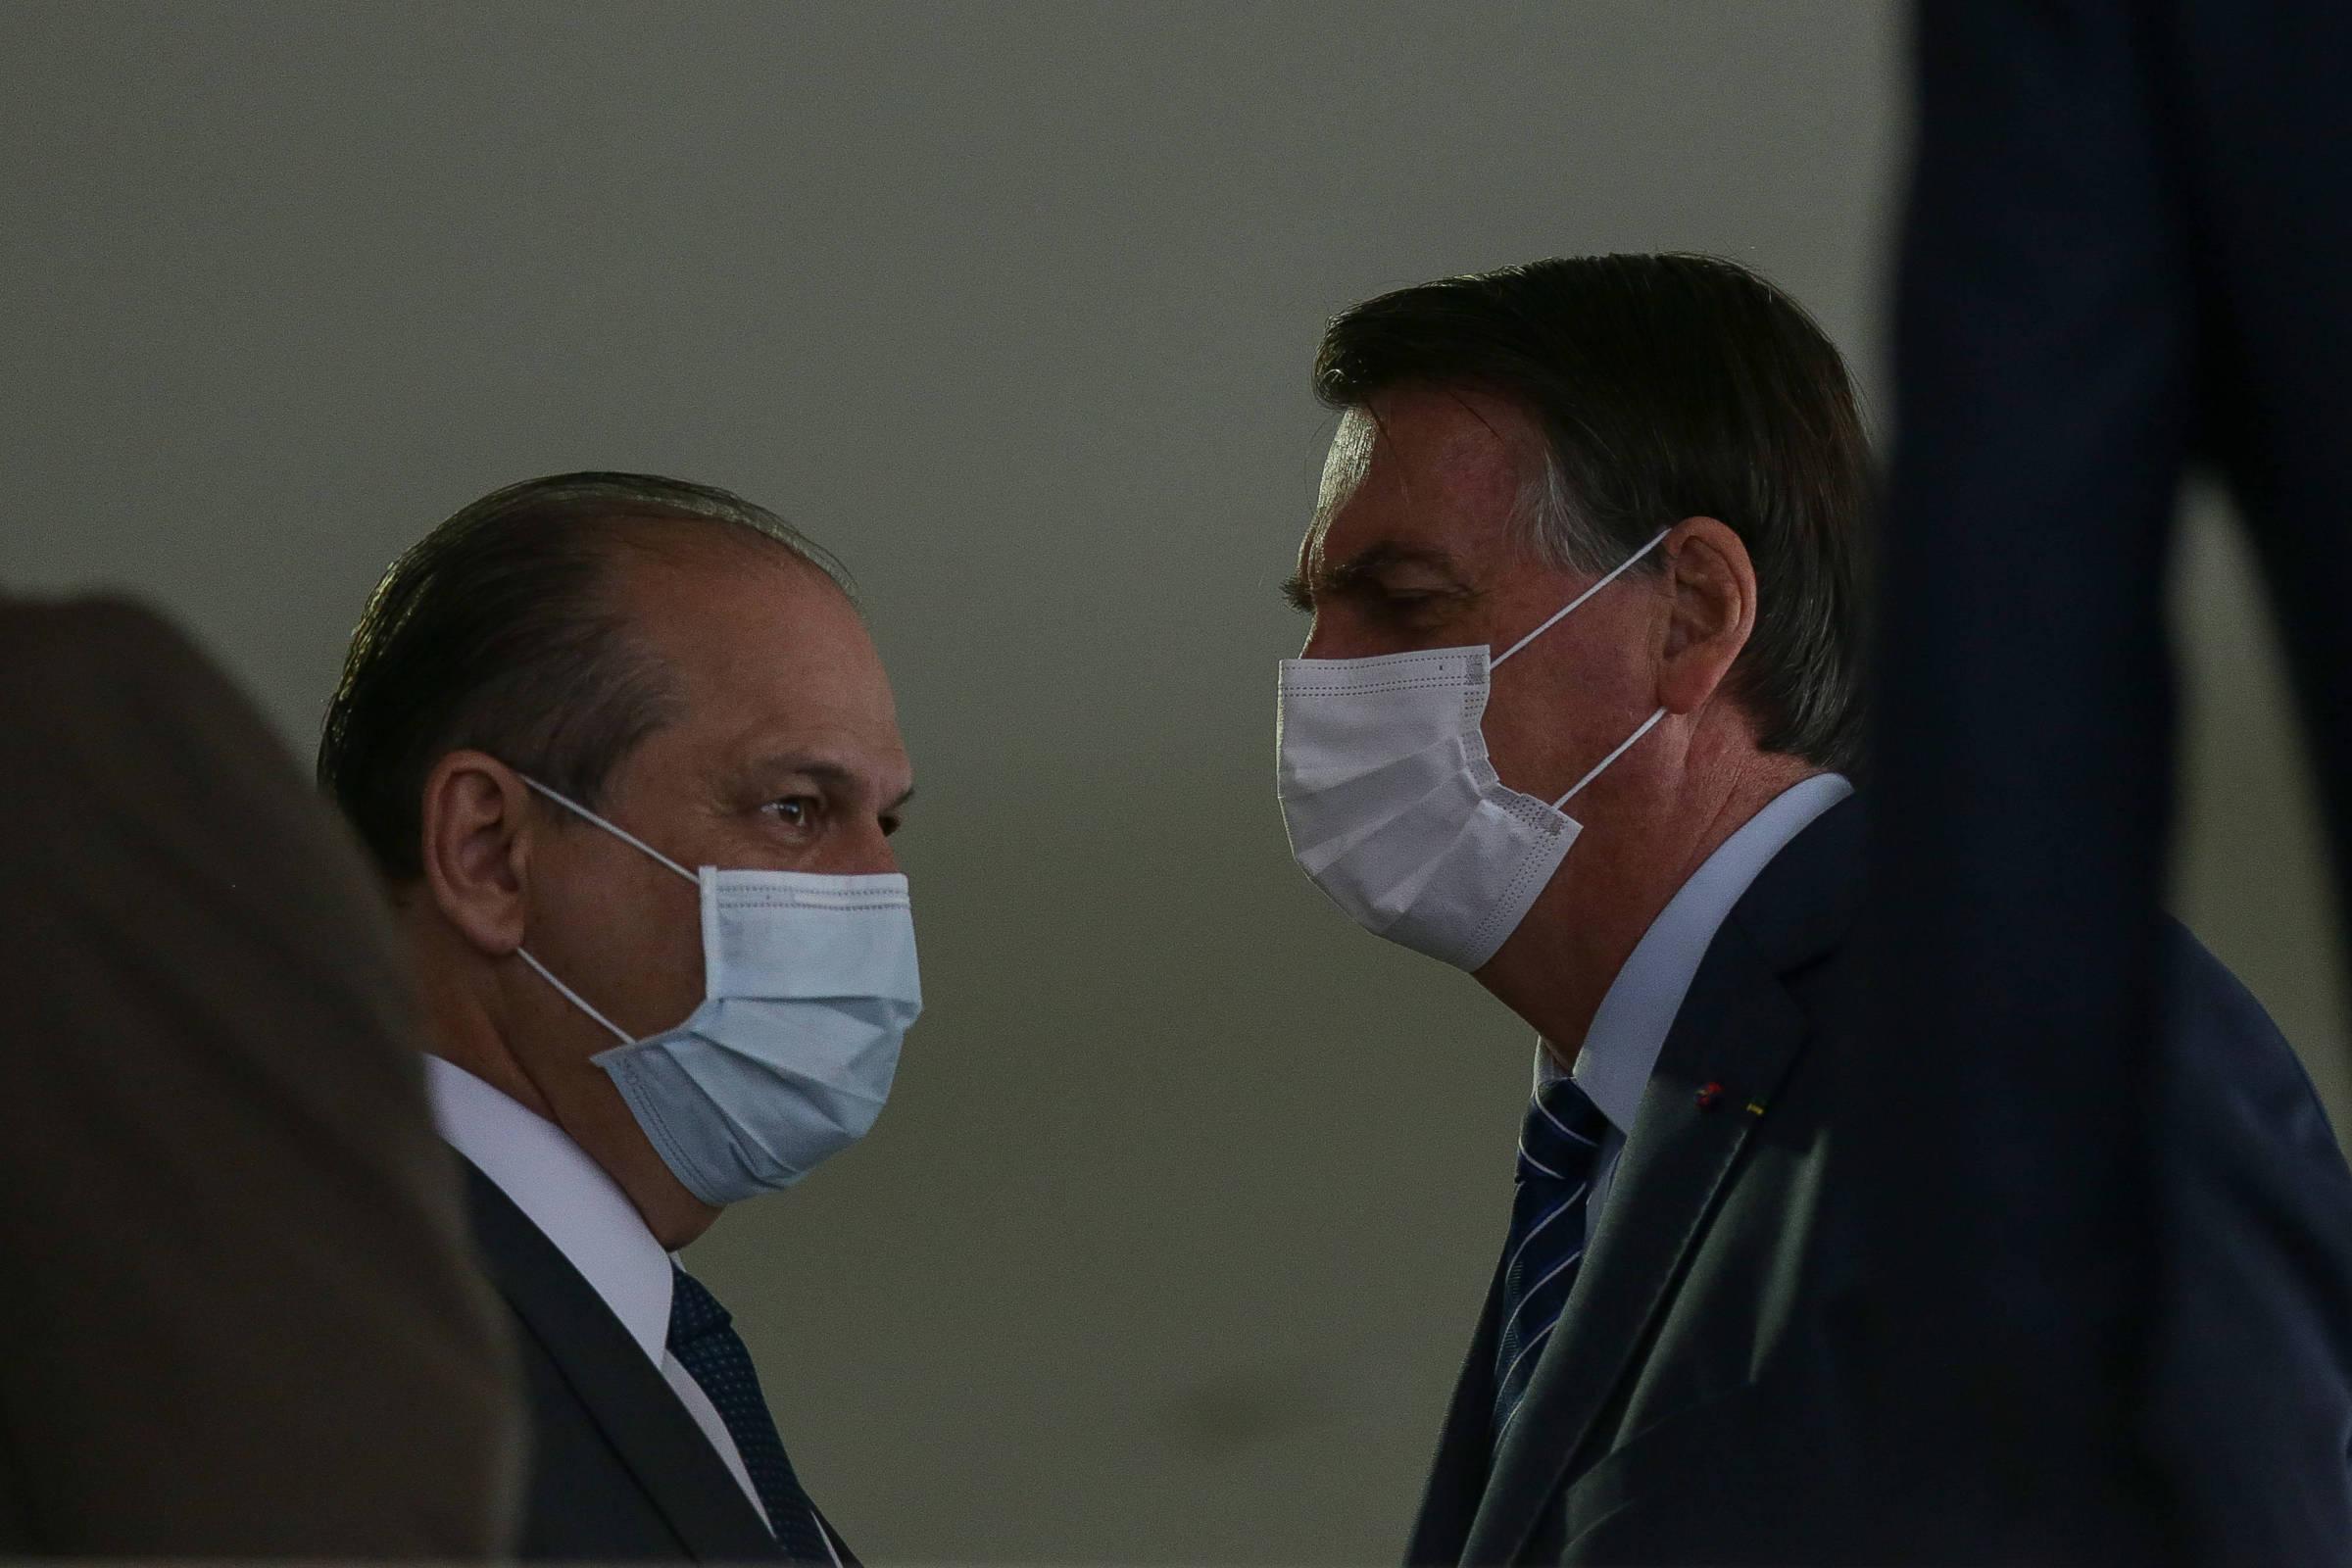 Ricardo Barros e Jair Bolsonaro em cerimônia no Planalto